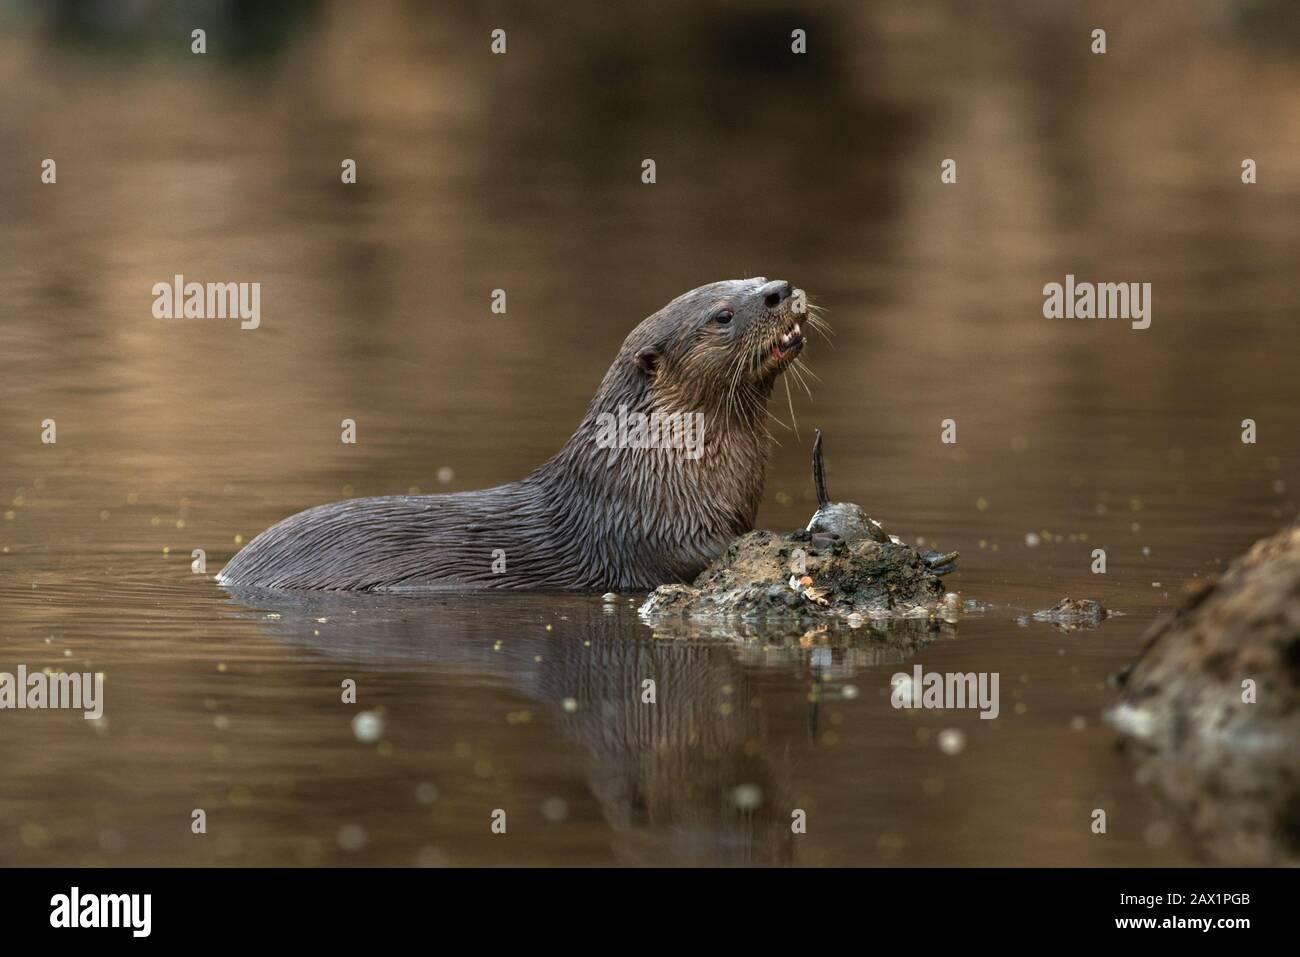 Un Otter néotropical (Lontra longicaudis) de South Pantanal, Brésil Banque D'Images